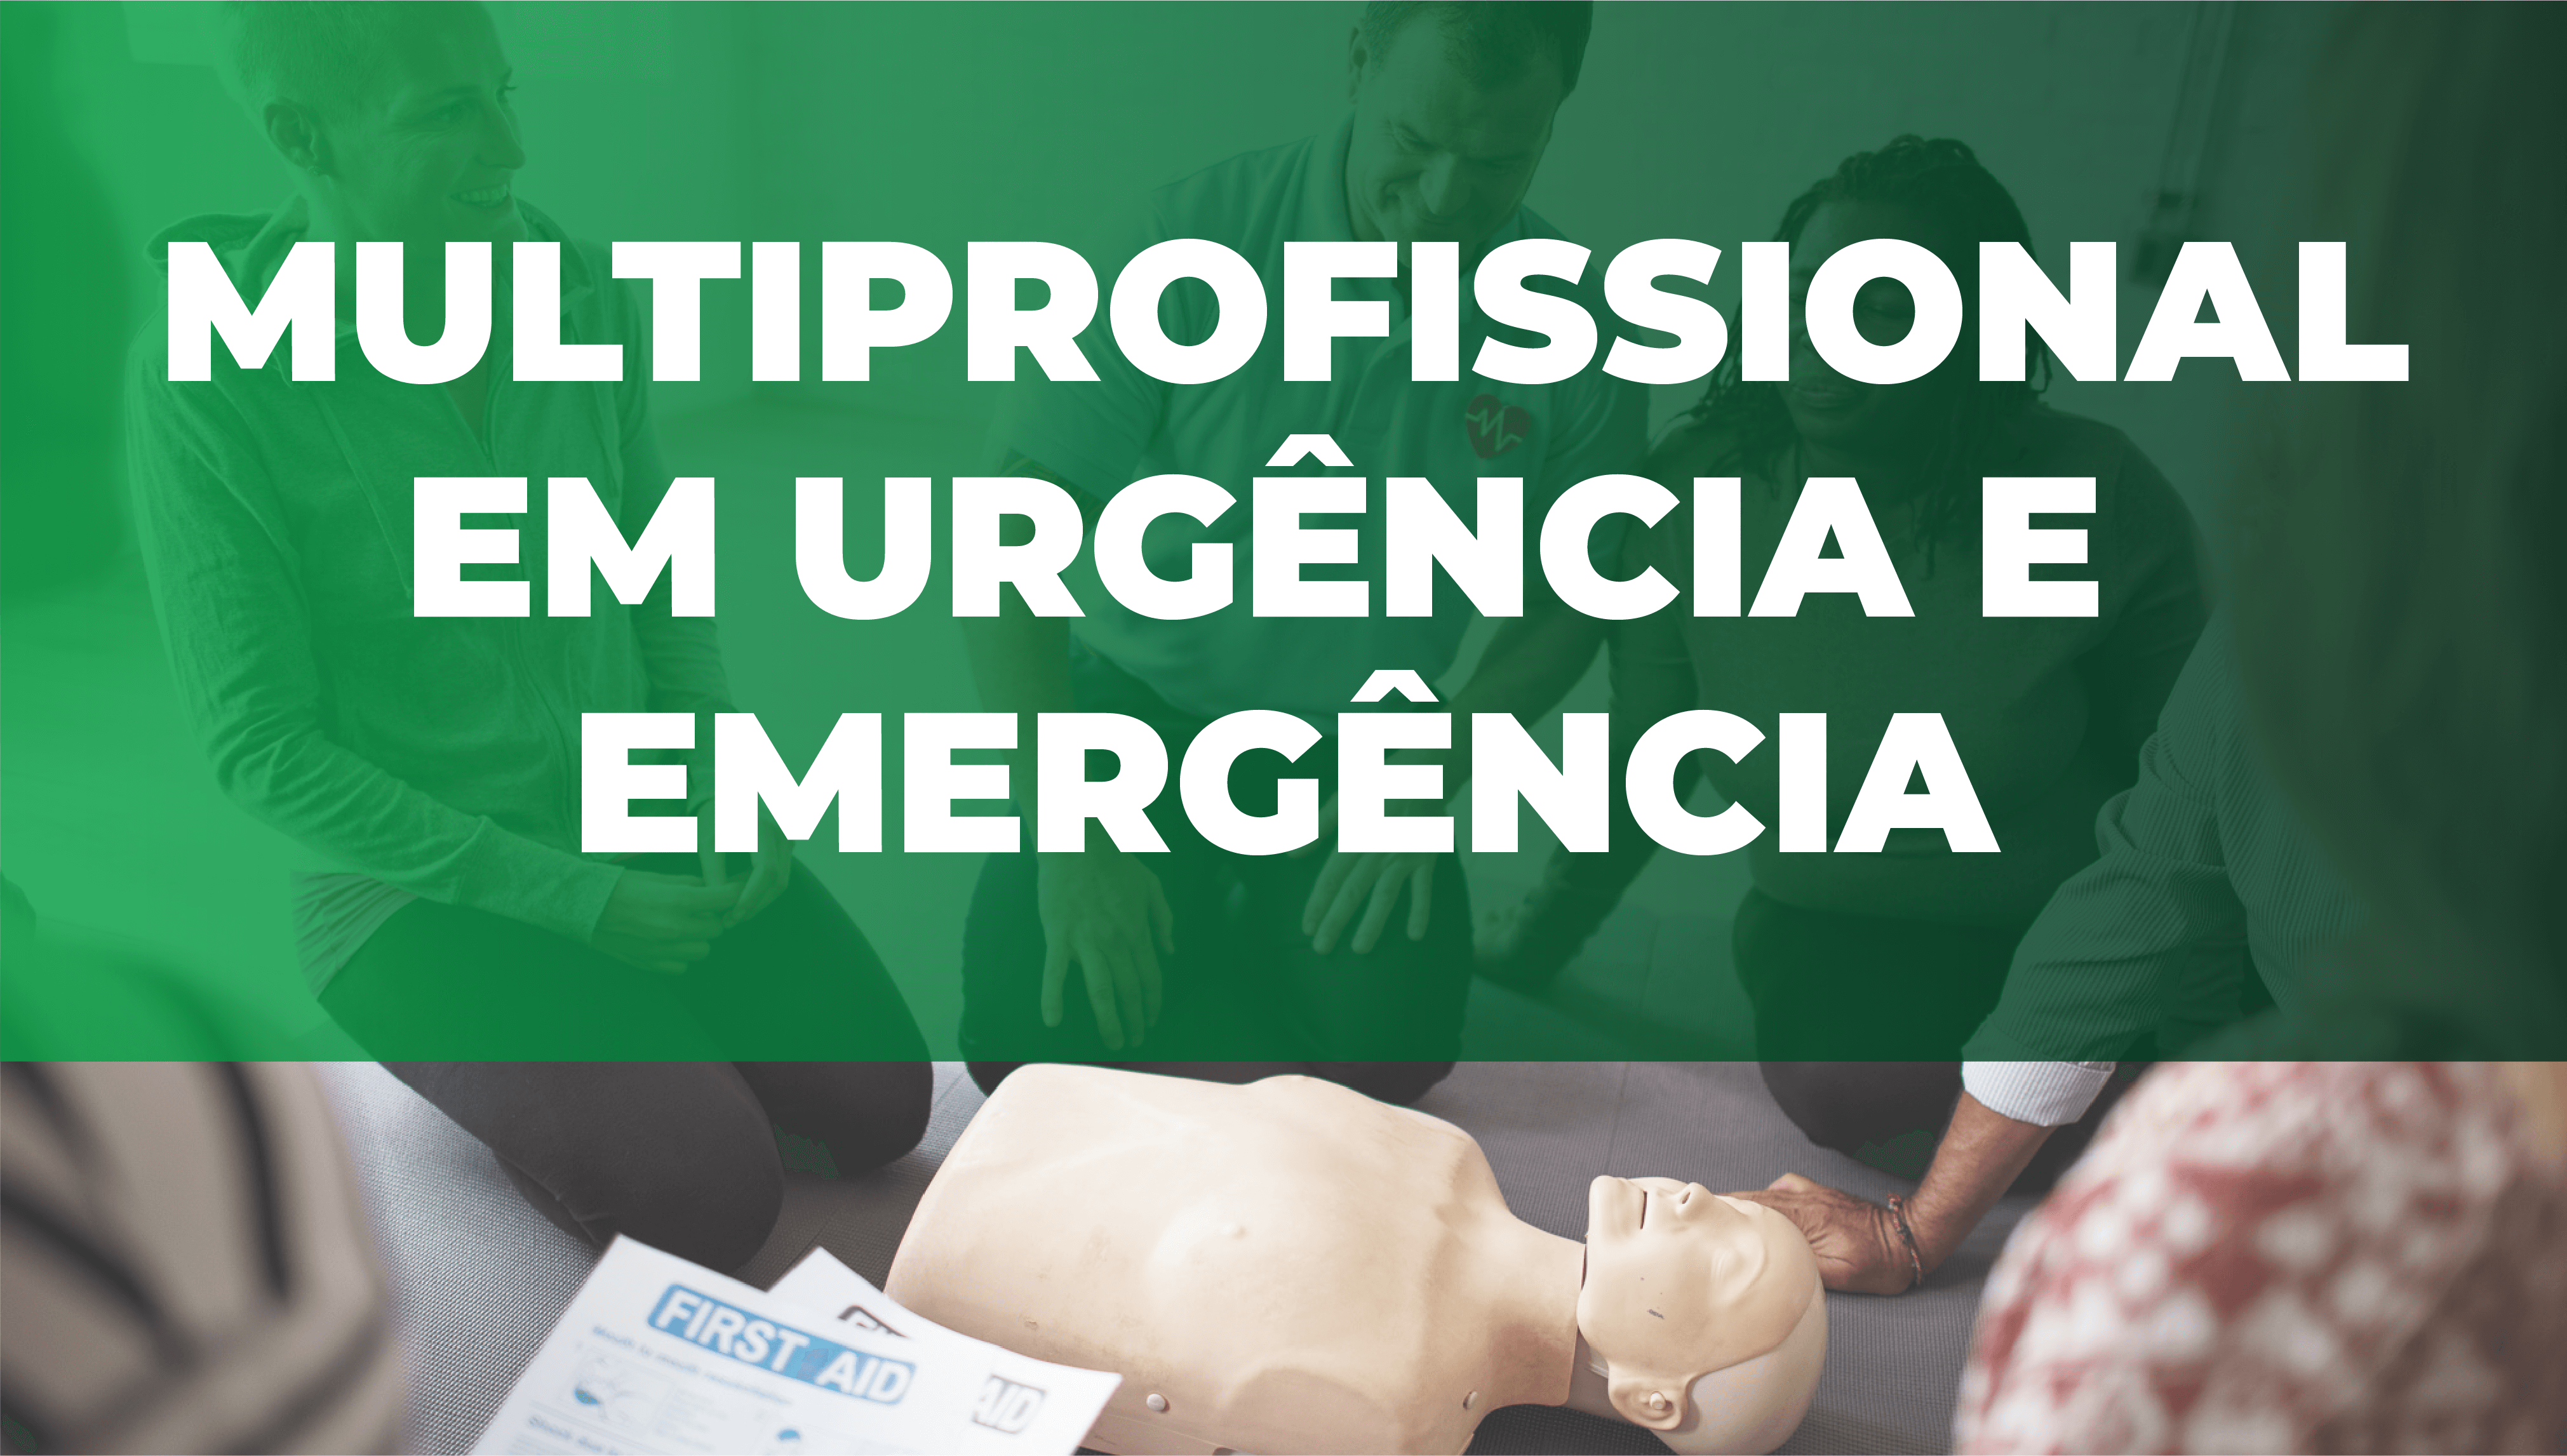 Multiprofissional em urgência e emergência